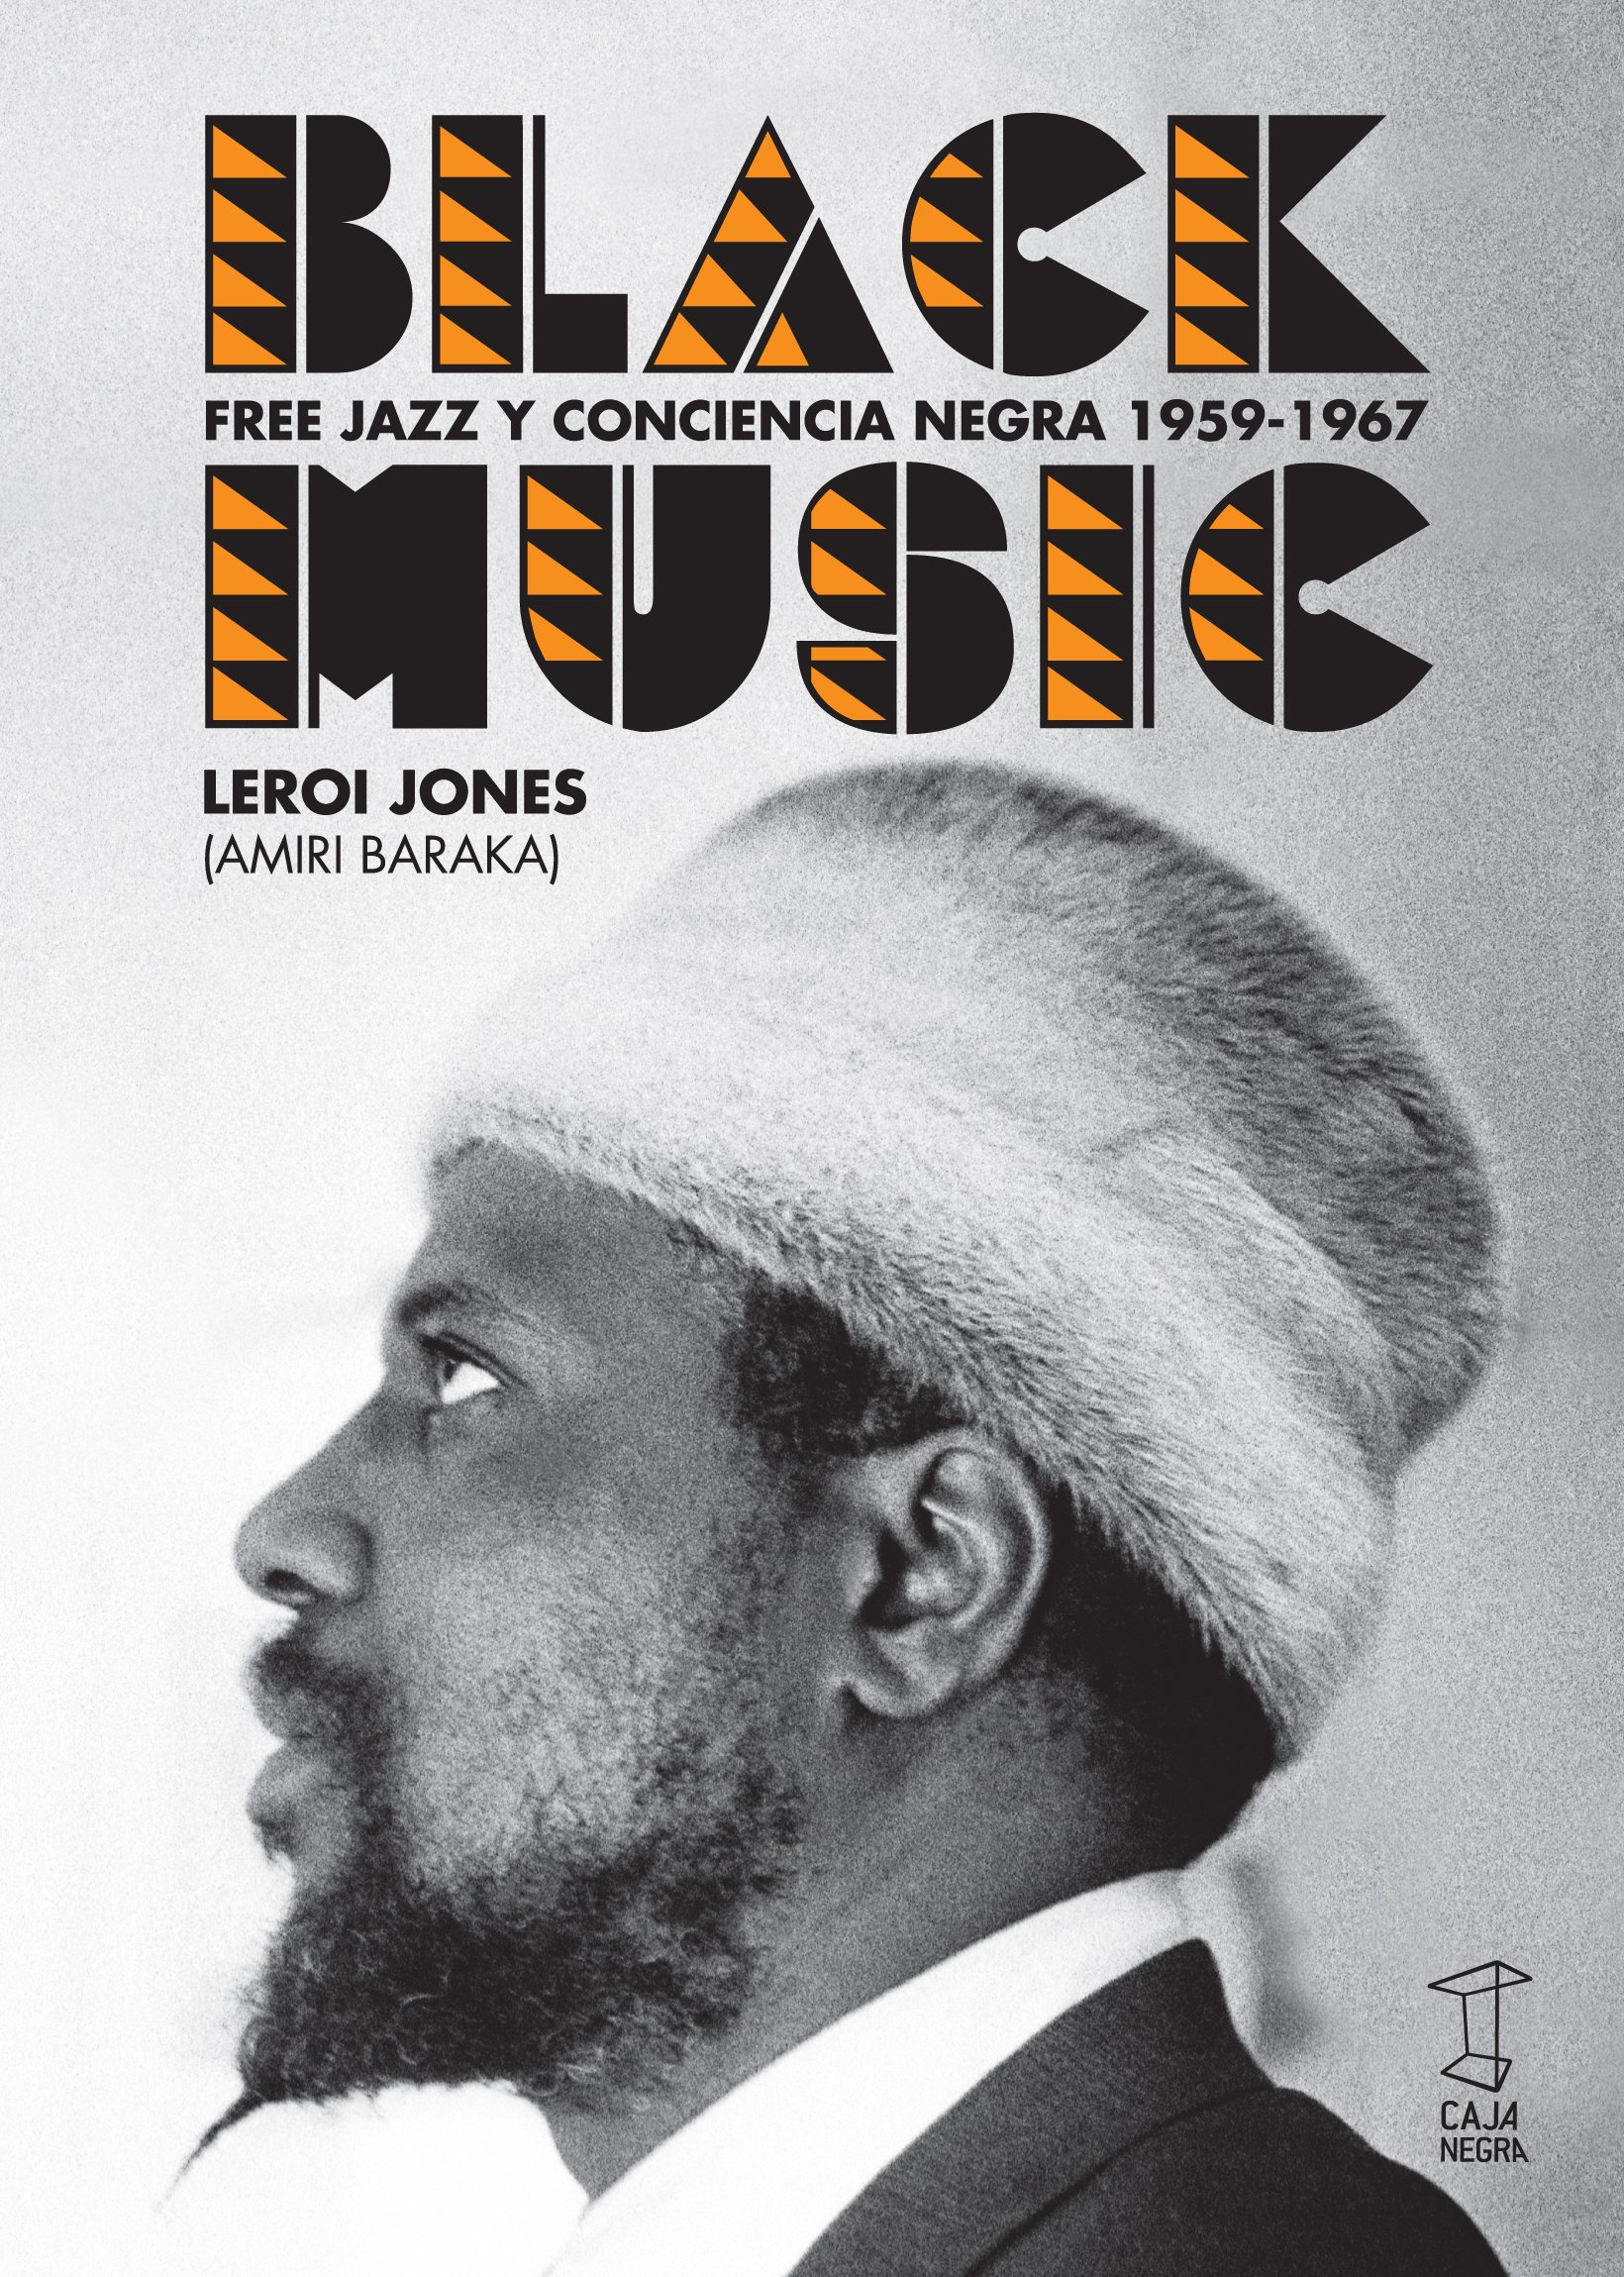 Black Music: Free Jazz y conciencia negra 1959-1967